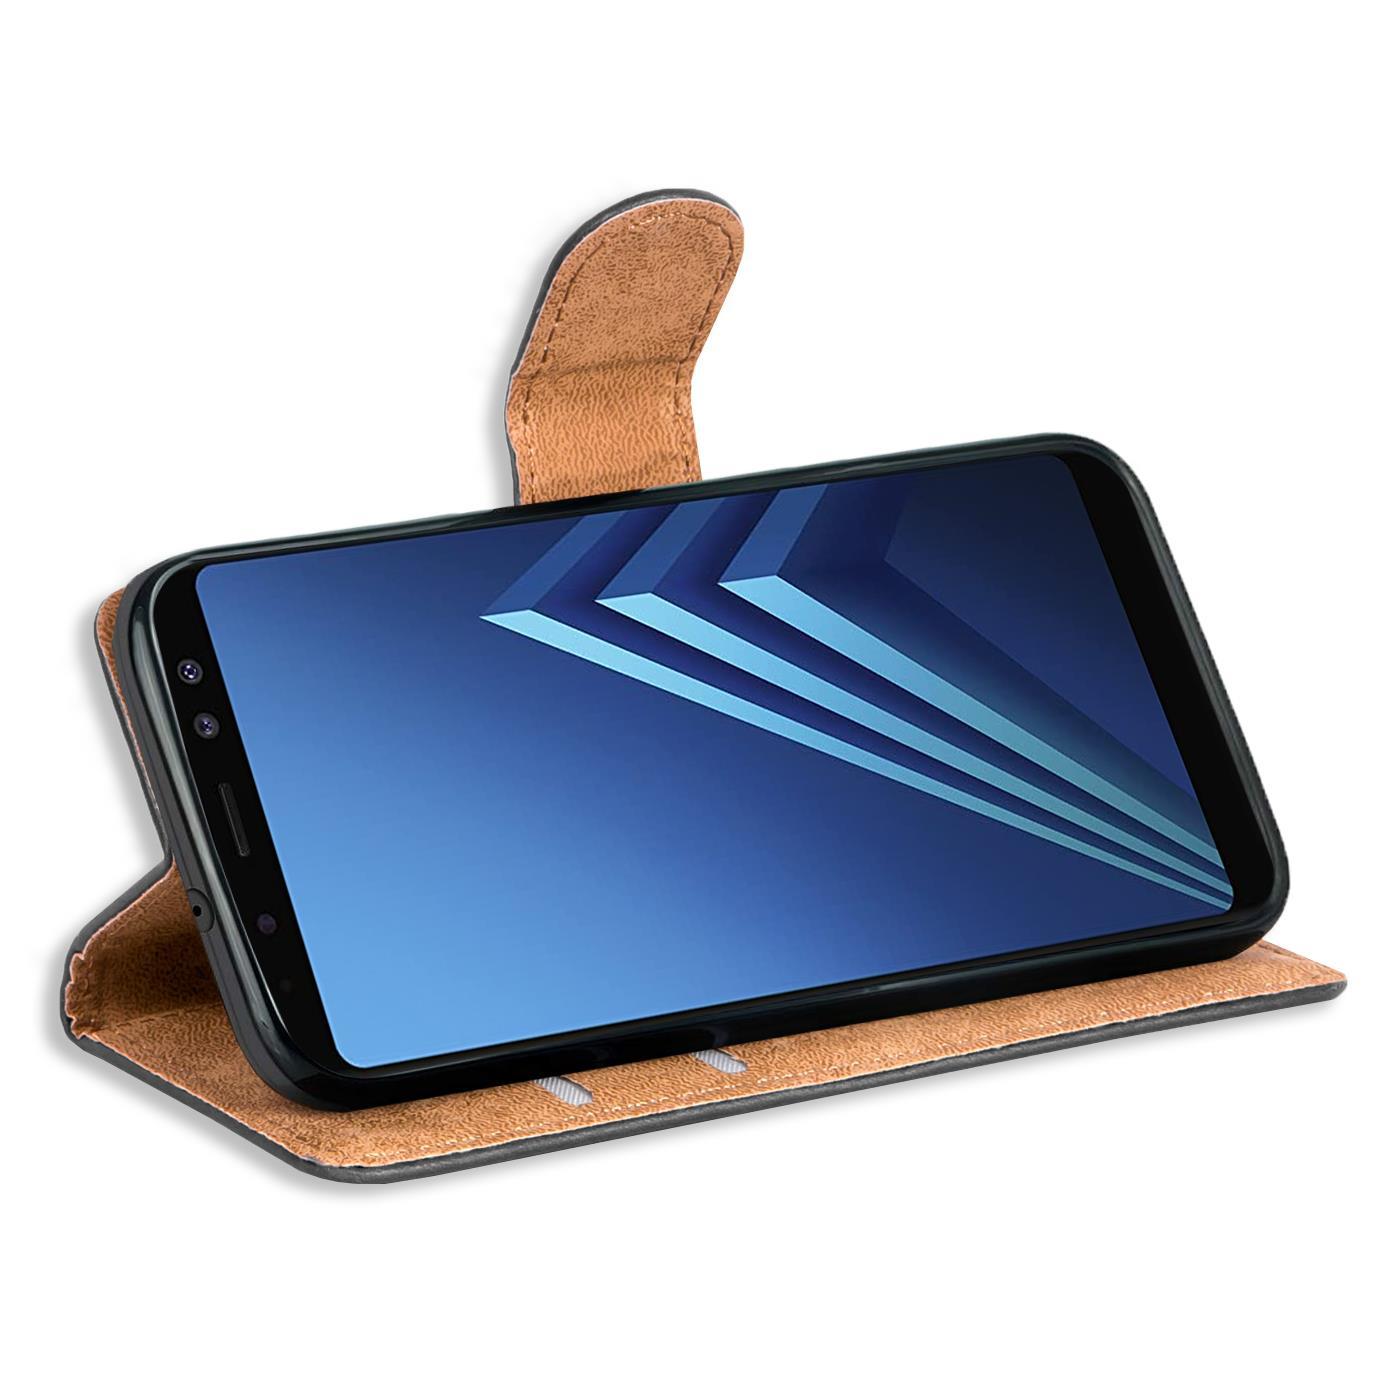 miniatuur 10 - Book Case für Samsung Galaxy A8 2018 Hülle Tasche Flip Cover Handy Schutz Hülle